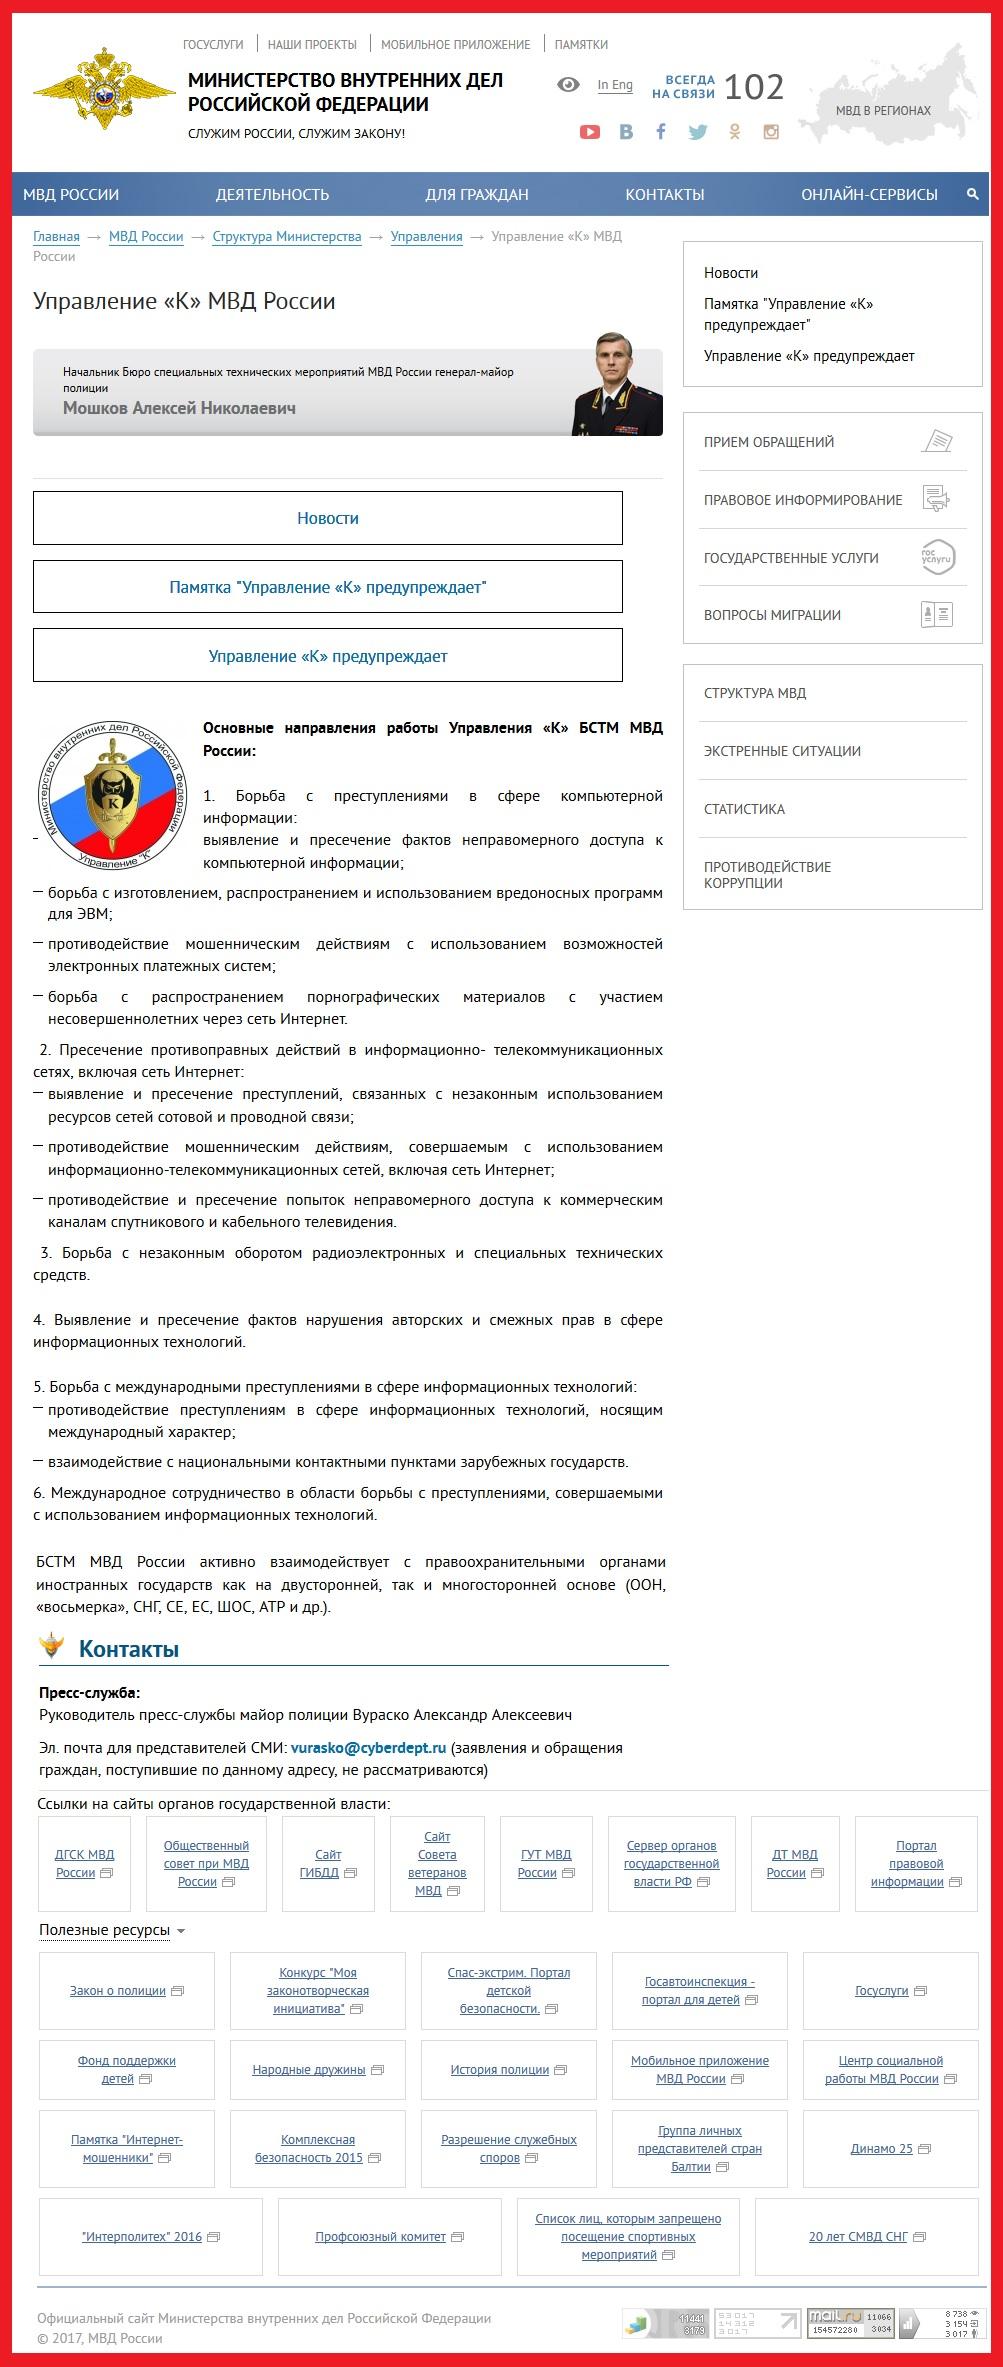 Управление К и антиправительственный админ Тифаретника